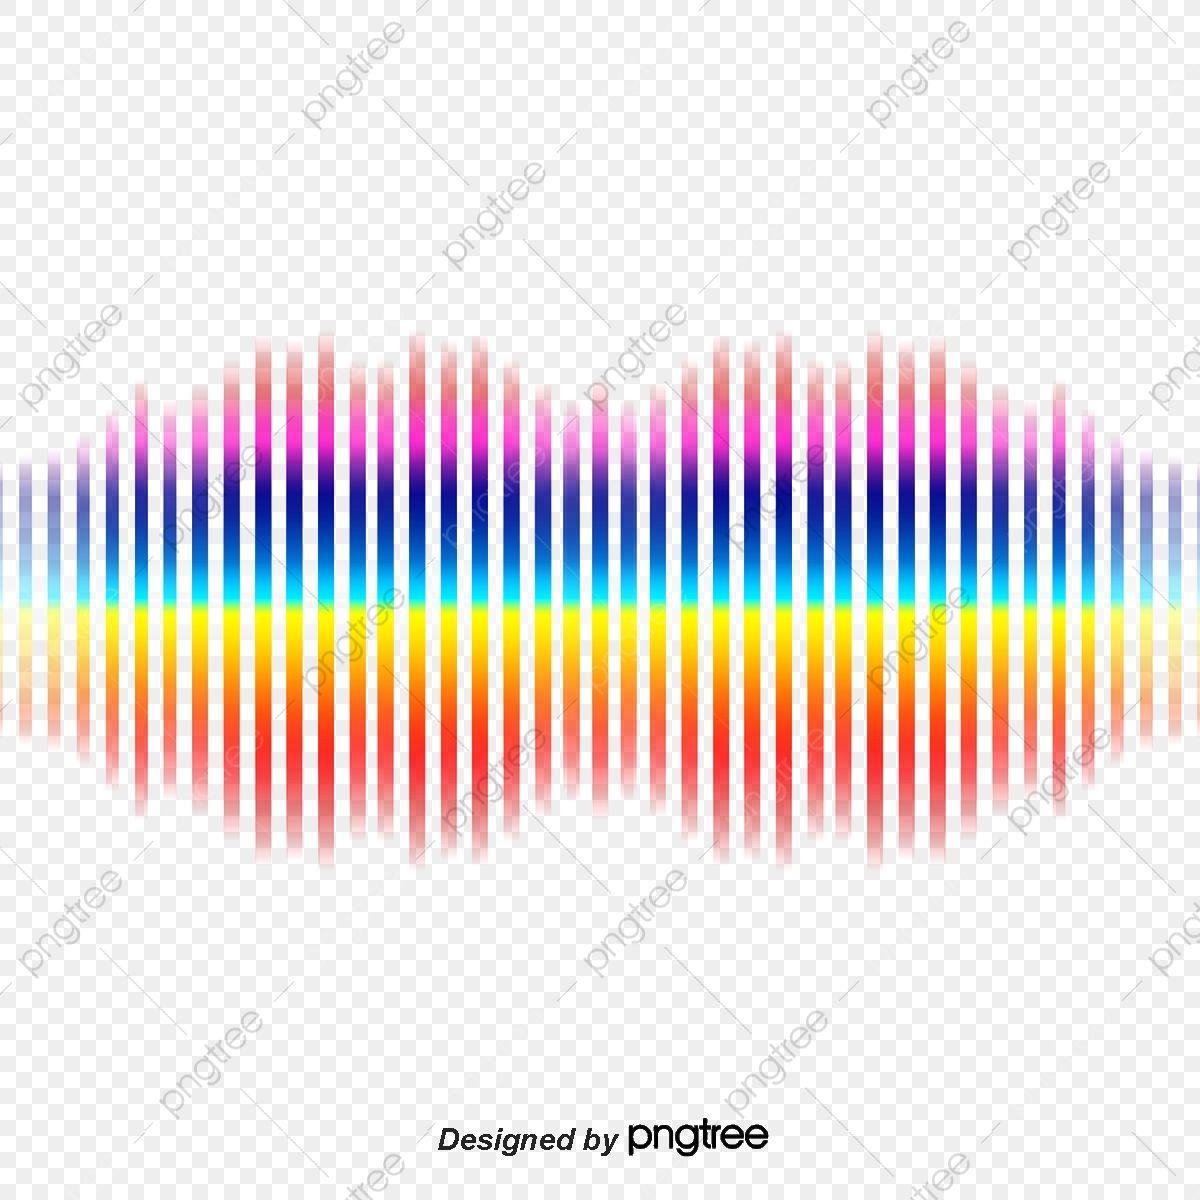 قوس قزح ناقلات منحنى الموجة الصوتية صورة بابوا نيو غينيا زاهى الألوان صوت صوت Png وملف Psd للتحميل مجانا In 2021 Clip Art Sound Waves Light Background Design